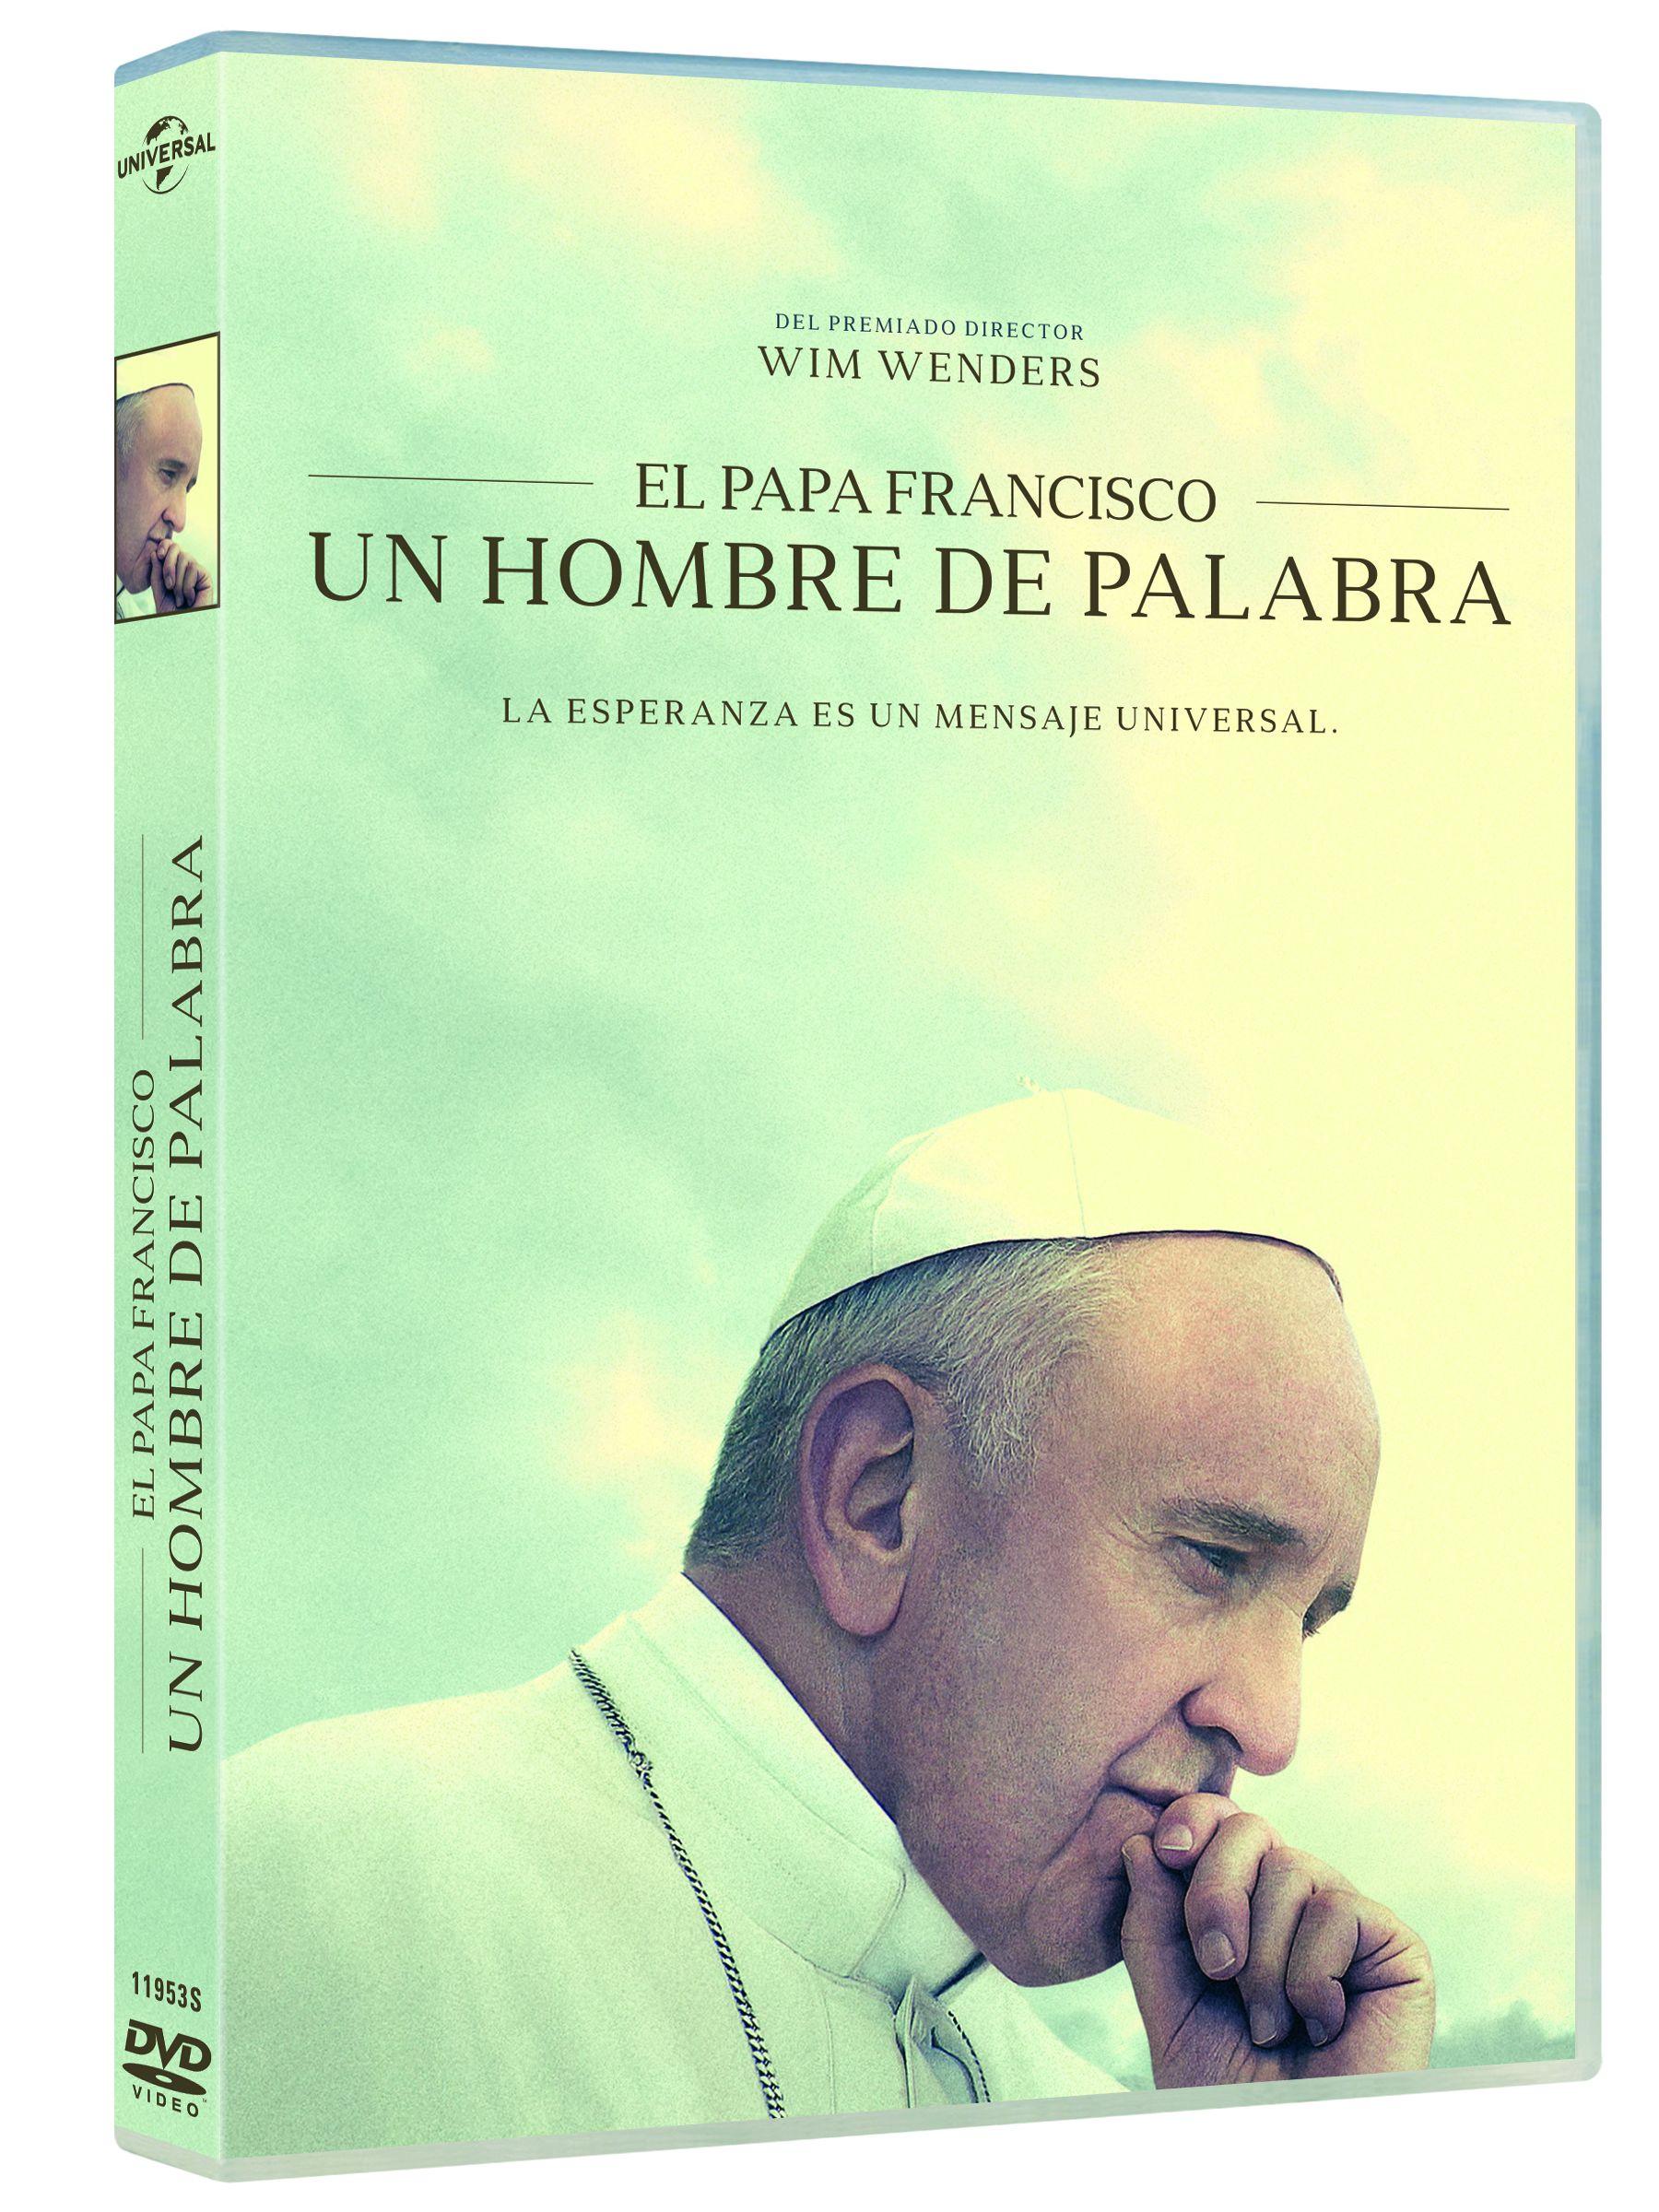 el papa francisco: un hombre de palabra - dvd --8414533119535